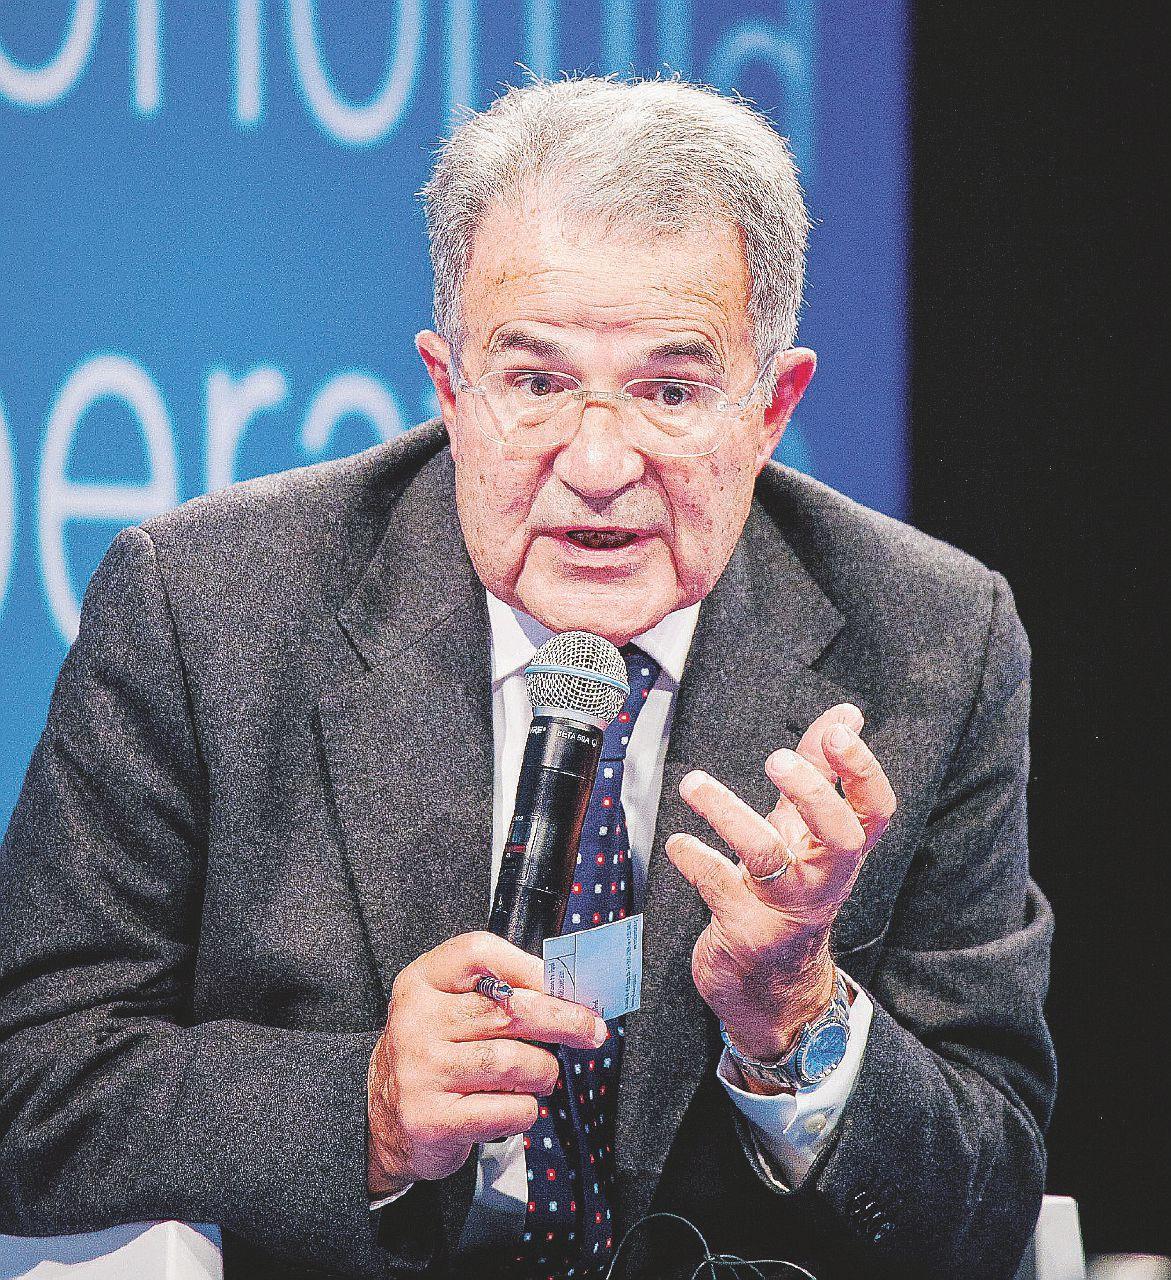 """In Edicola sul Fatto Quotidiano del 5 giugno: Prodi a Bersani: """"Errore andarsene"""". E a Grillo: """"Scelga tra destra e sinistra"""""""